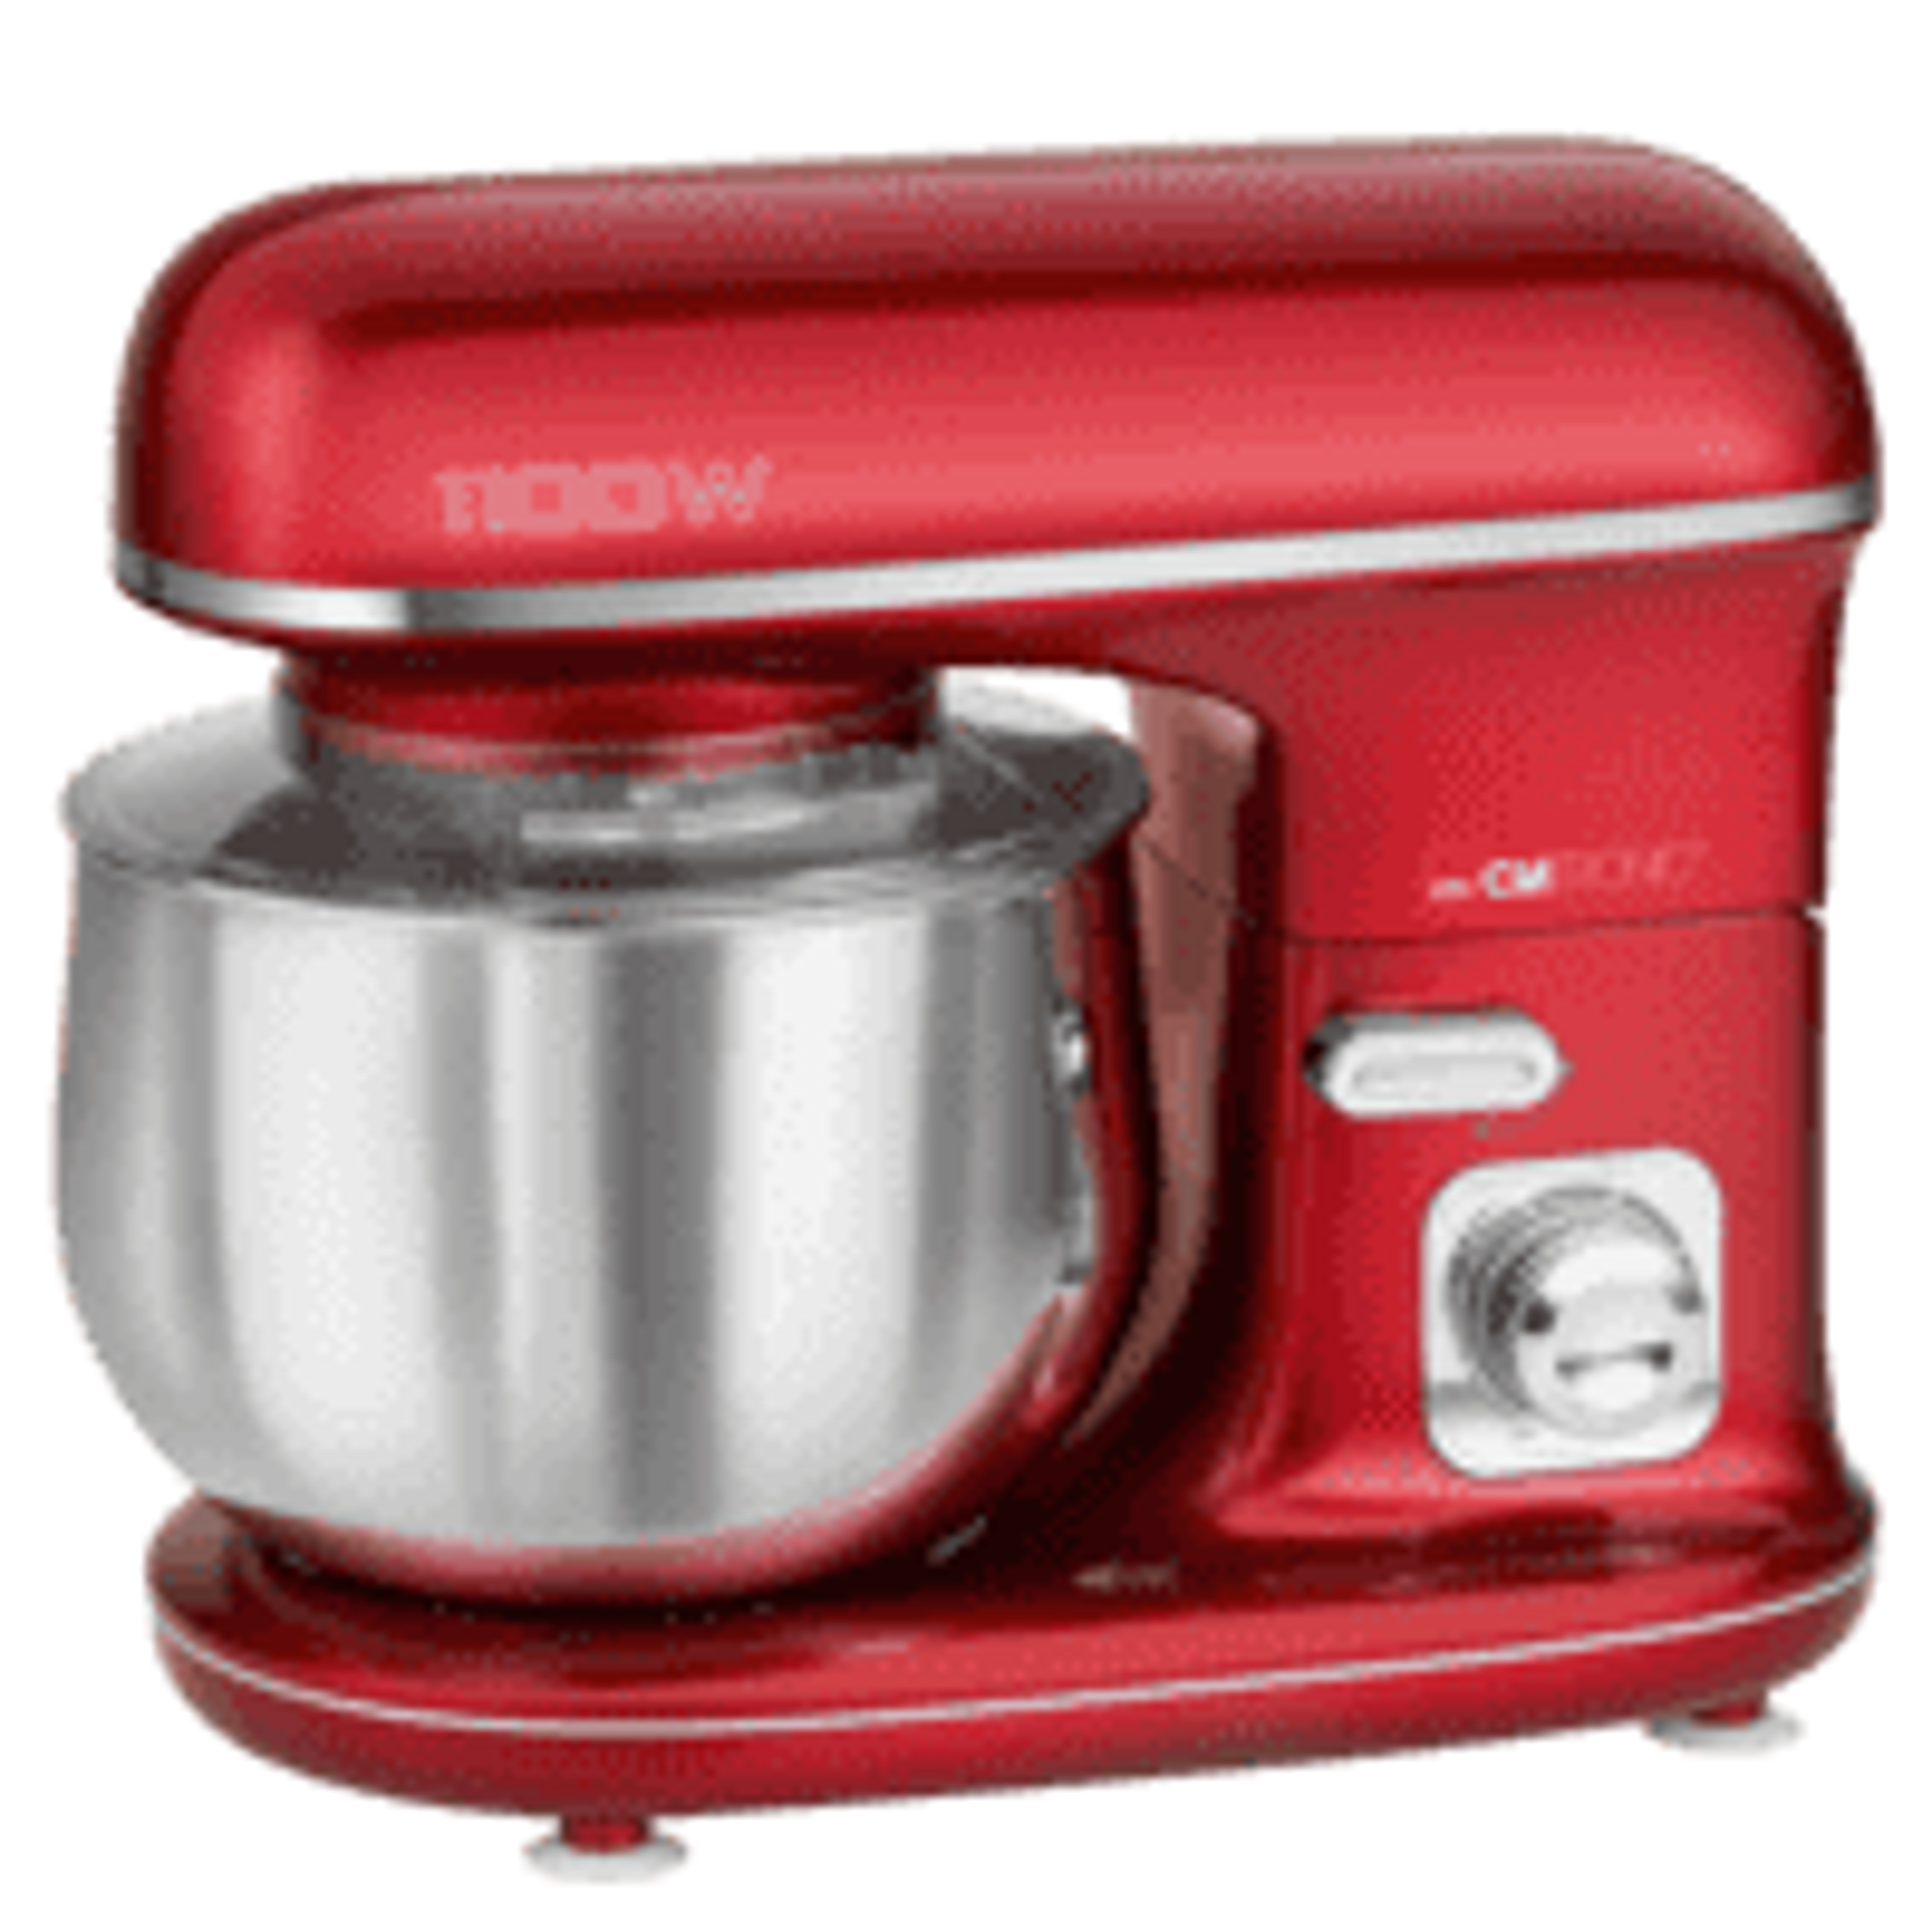 Kuchenmaschinen Kuchengerate Von Clatronic Jetzt Bestellen Mediamarkt